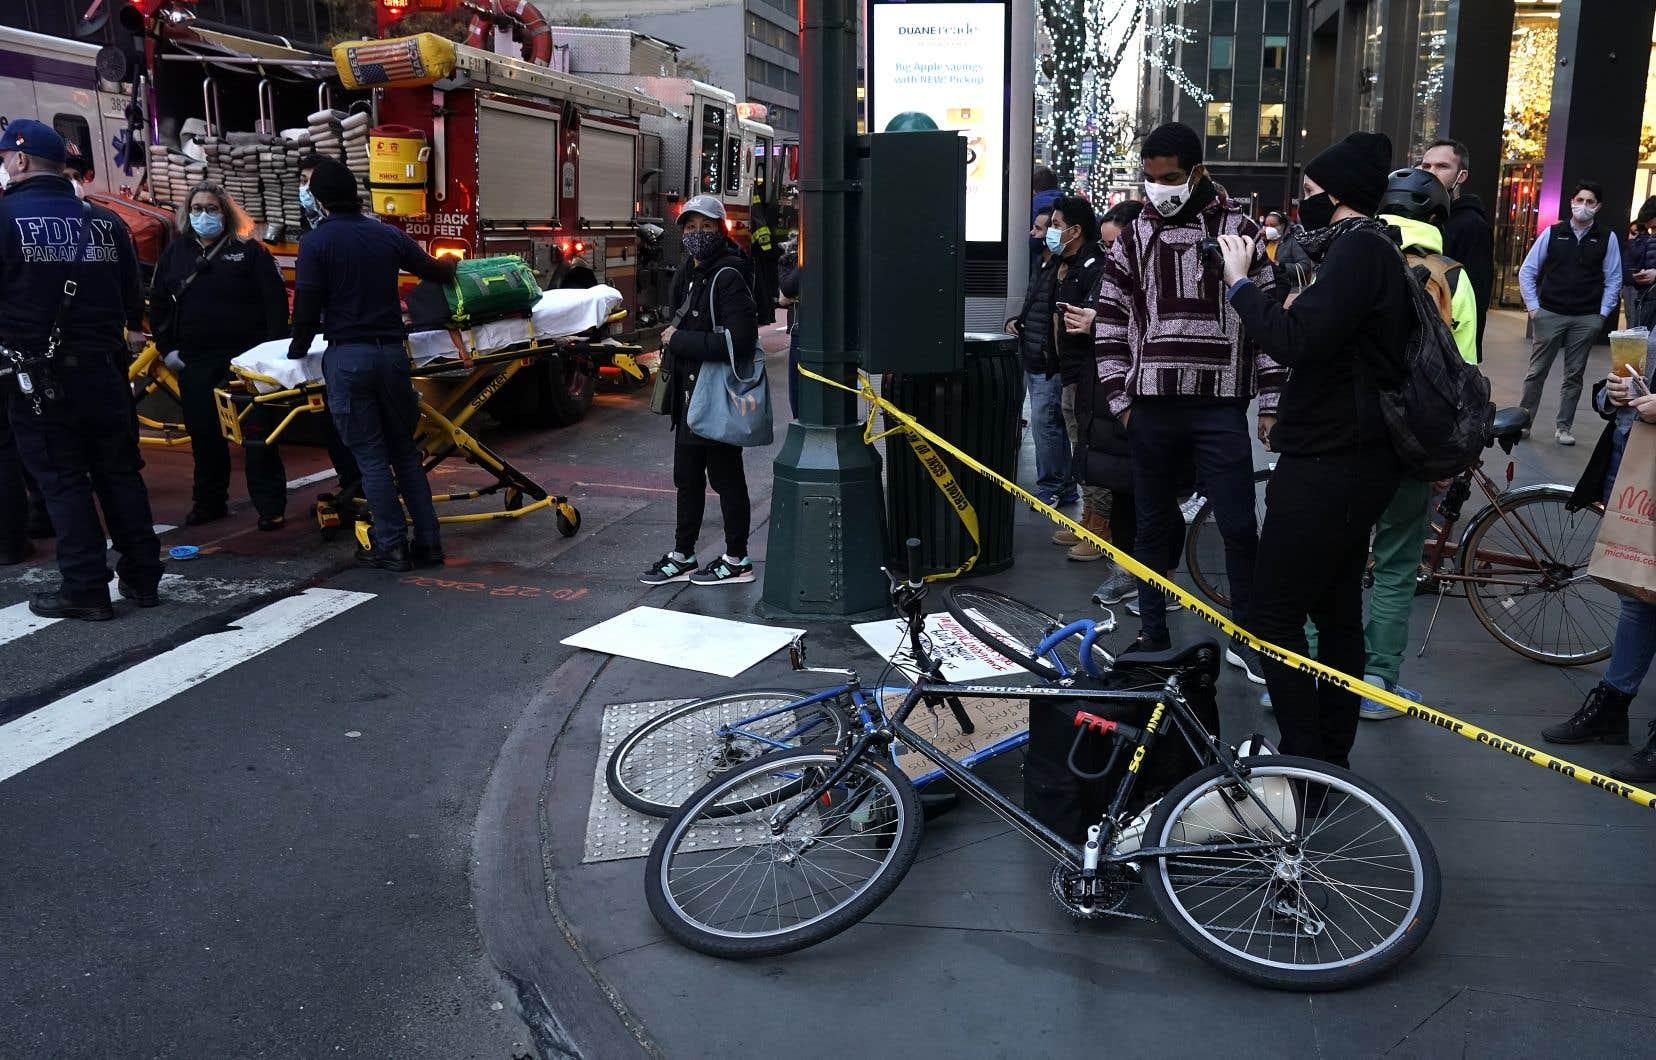 «Les blessures ne semblent pas engager le pronostic vital» des victimes, a déclaré le porte-parole de la police.